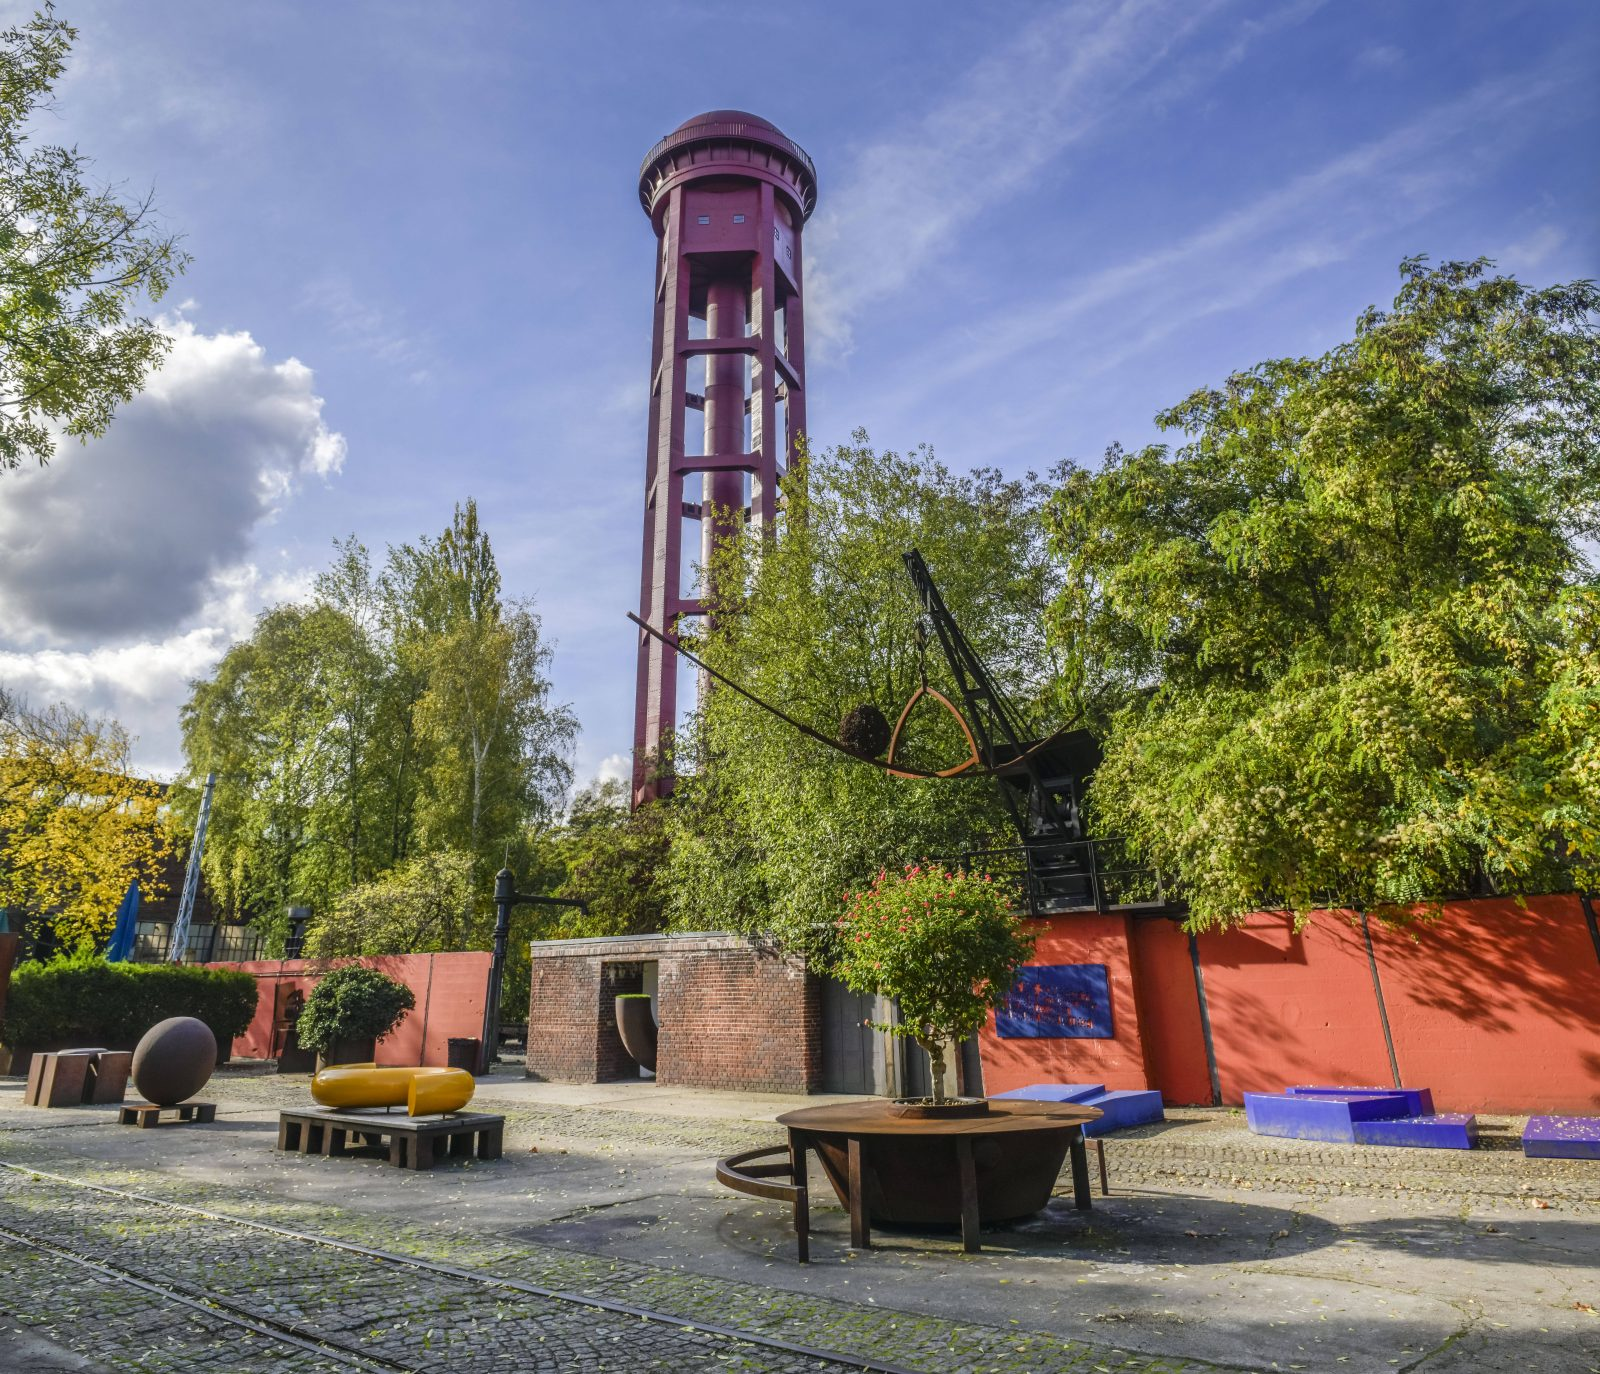 Kunst und alte Industrierelikte im Schatten des Wasserturms: Der Natur-Park Südgelände ist zugleich wild und schön gestaltet. Foto: Imago/Schöning